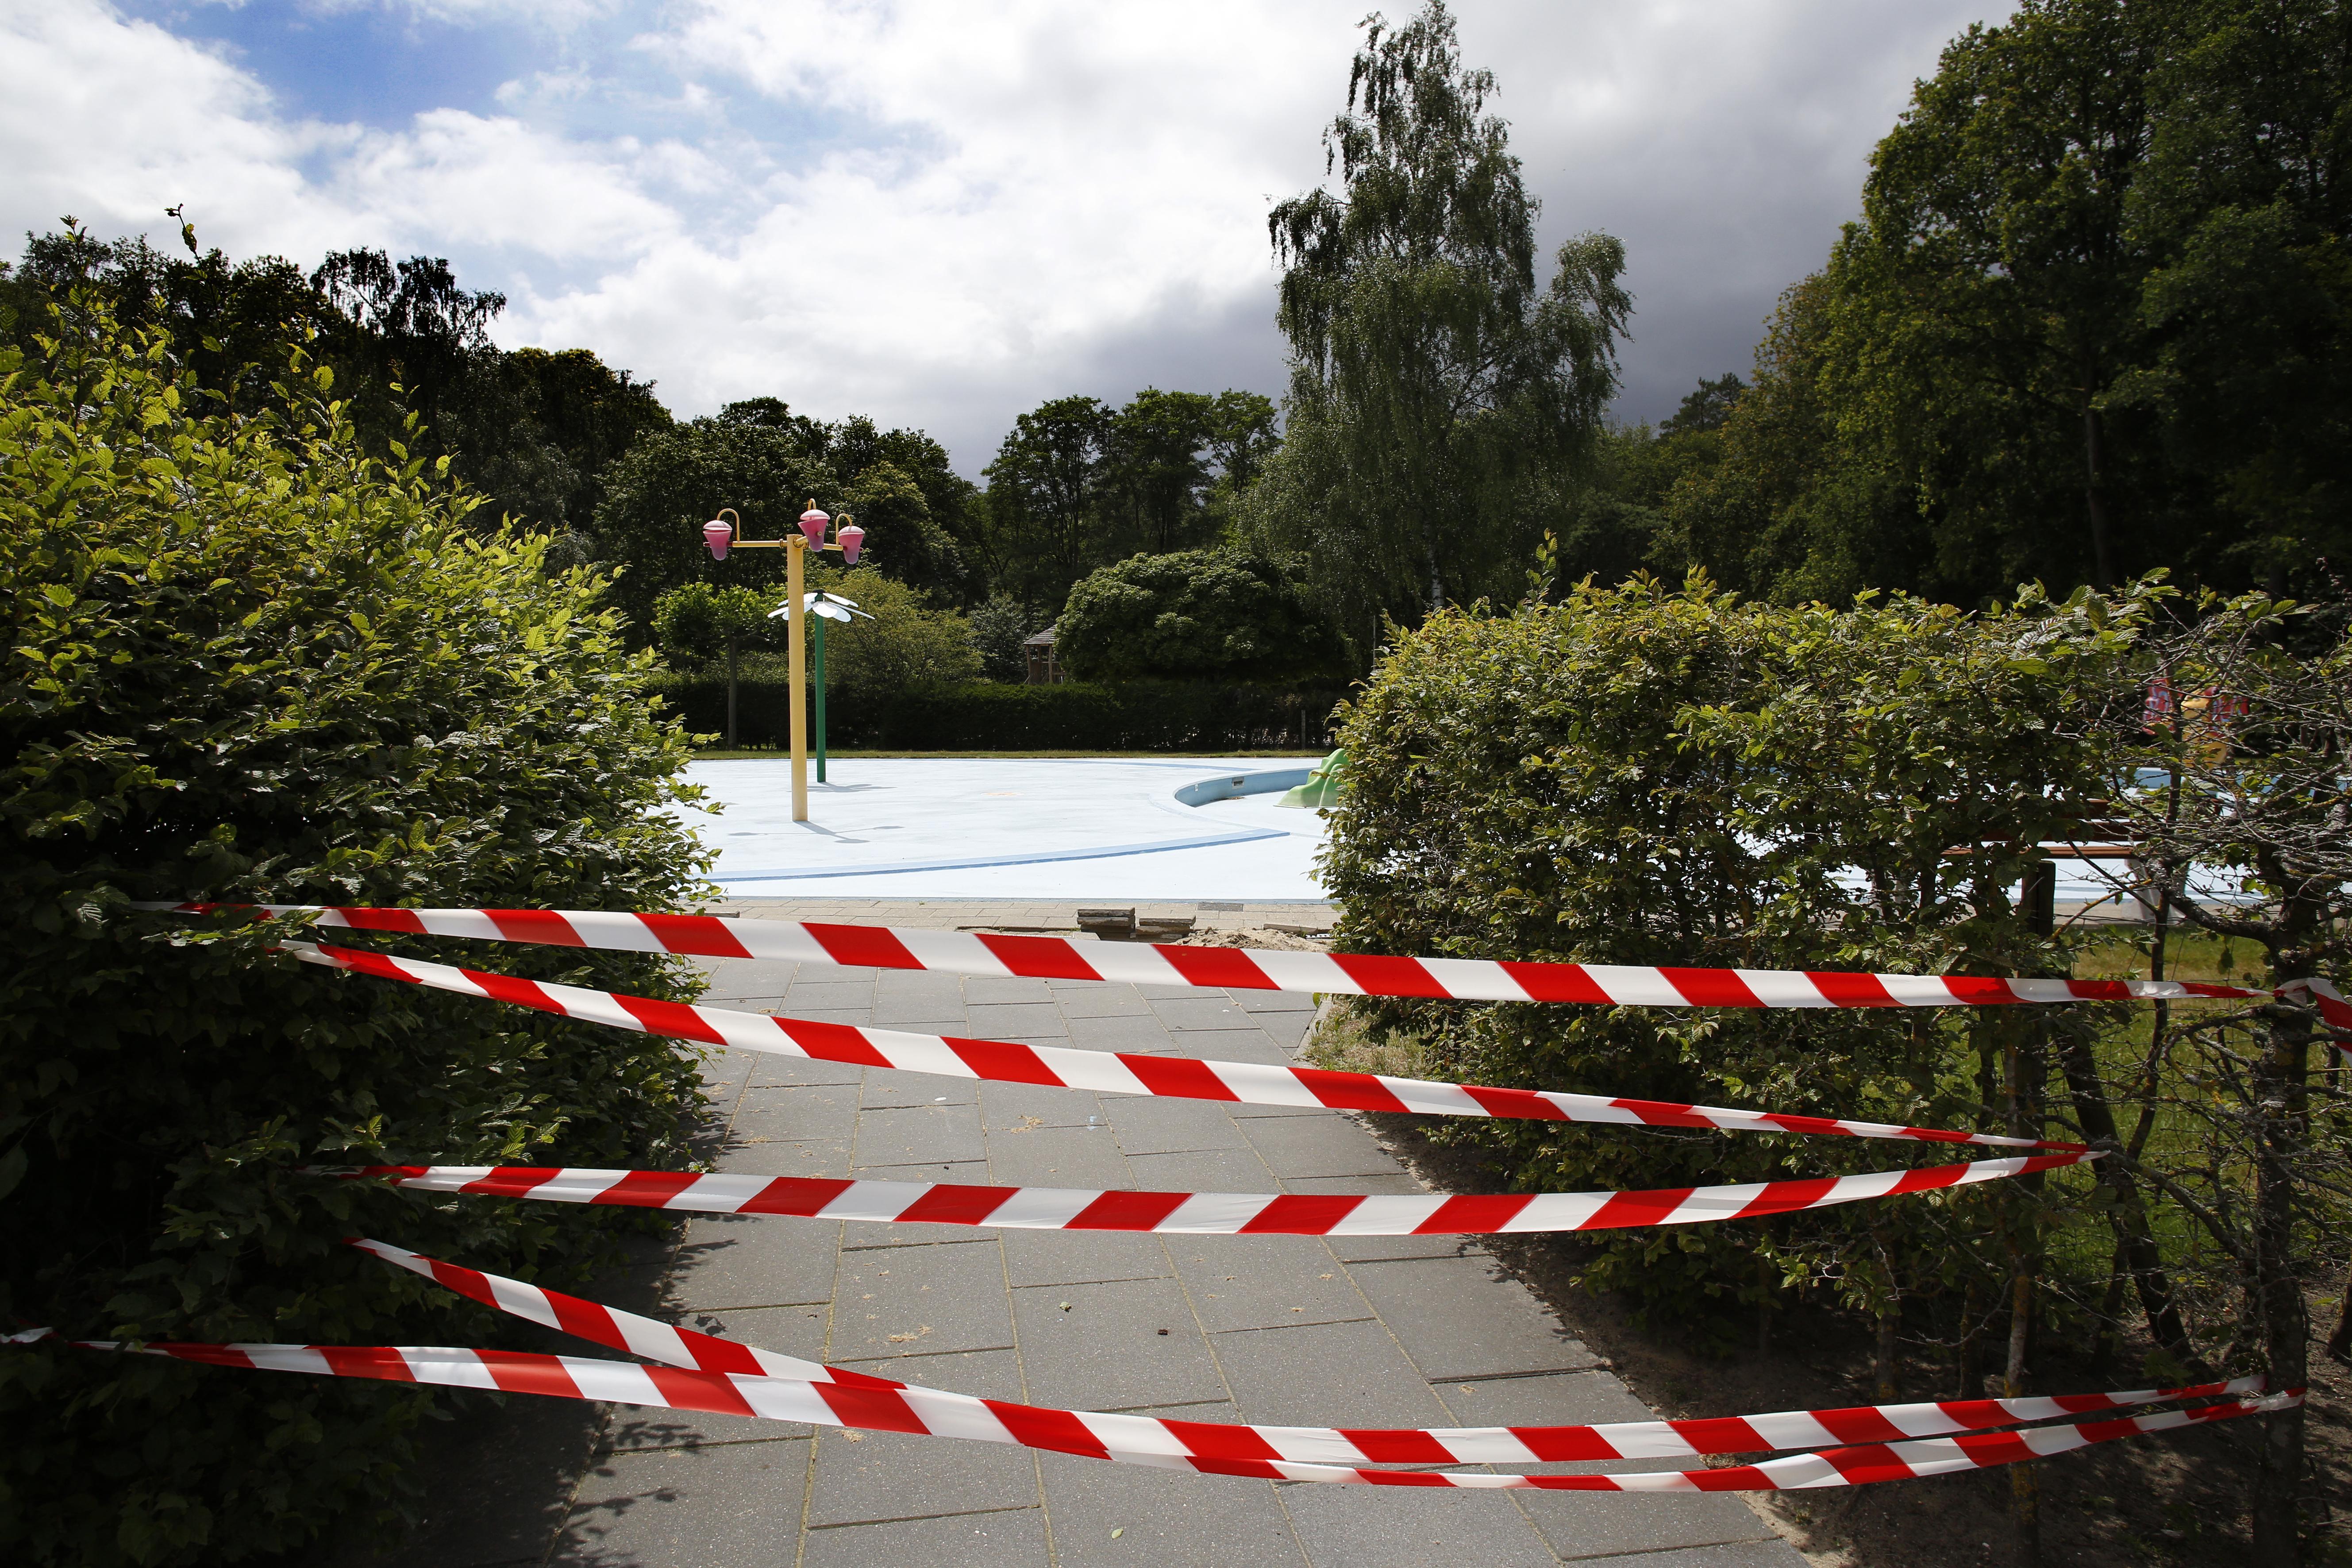 Peuters mogen toch plonsen in 'de Sijs'; Peuterbad Sijsjesberg Huizen gaat open voor de allerkleinsten en hun papa's en mama's